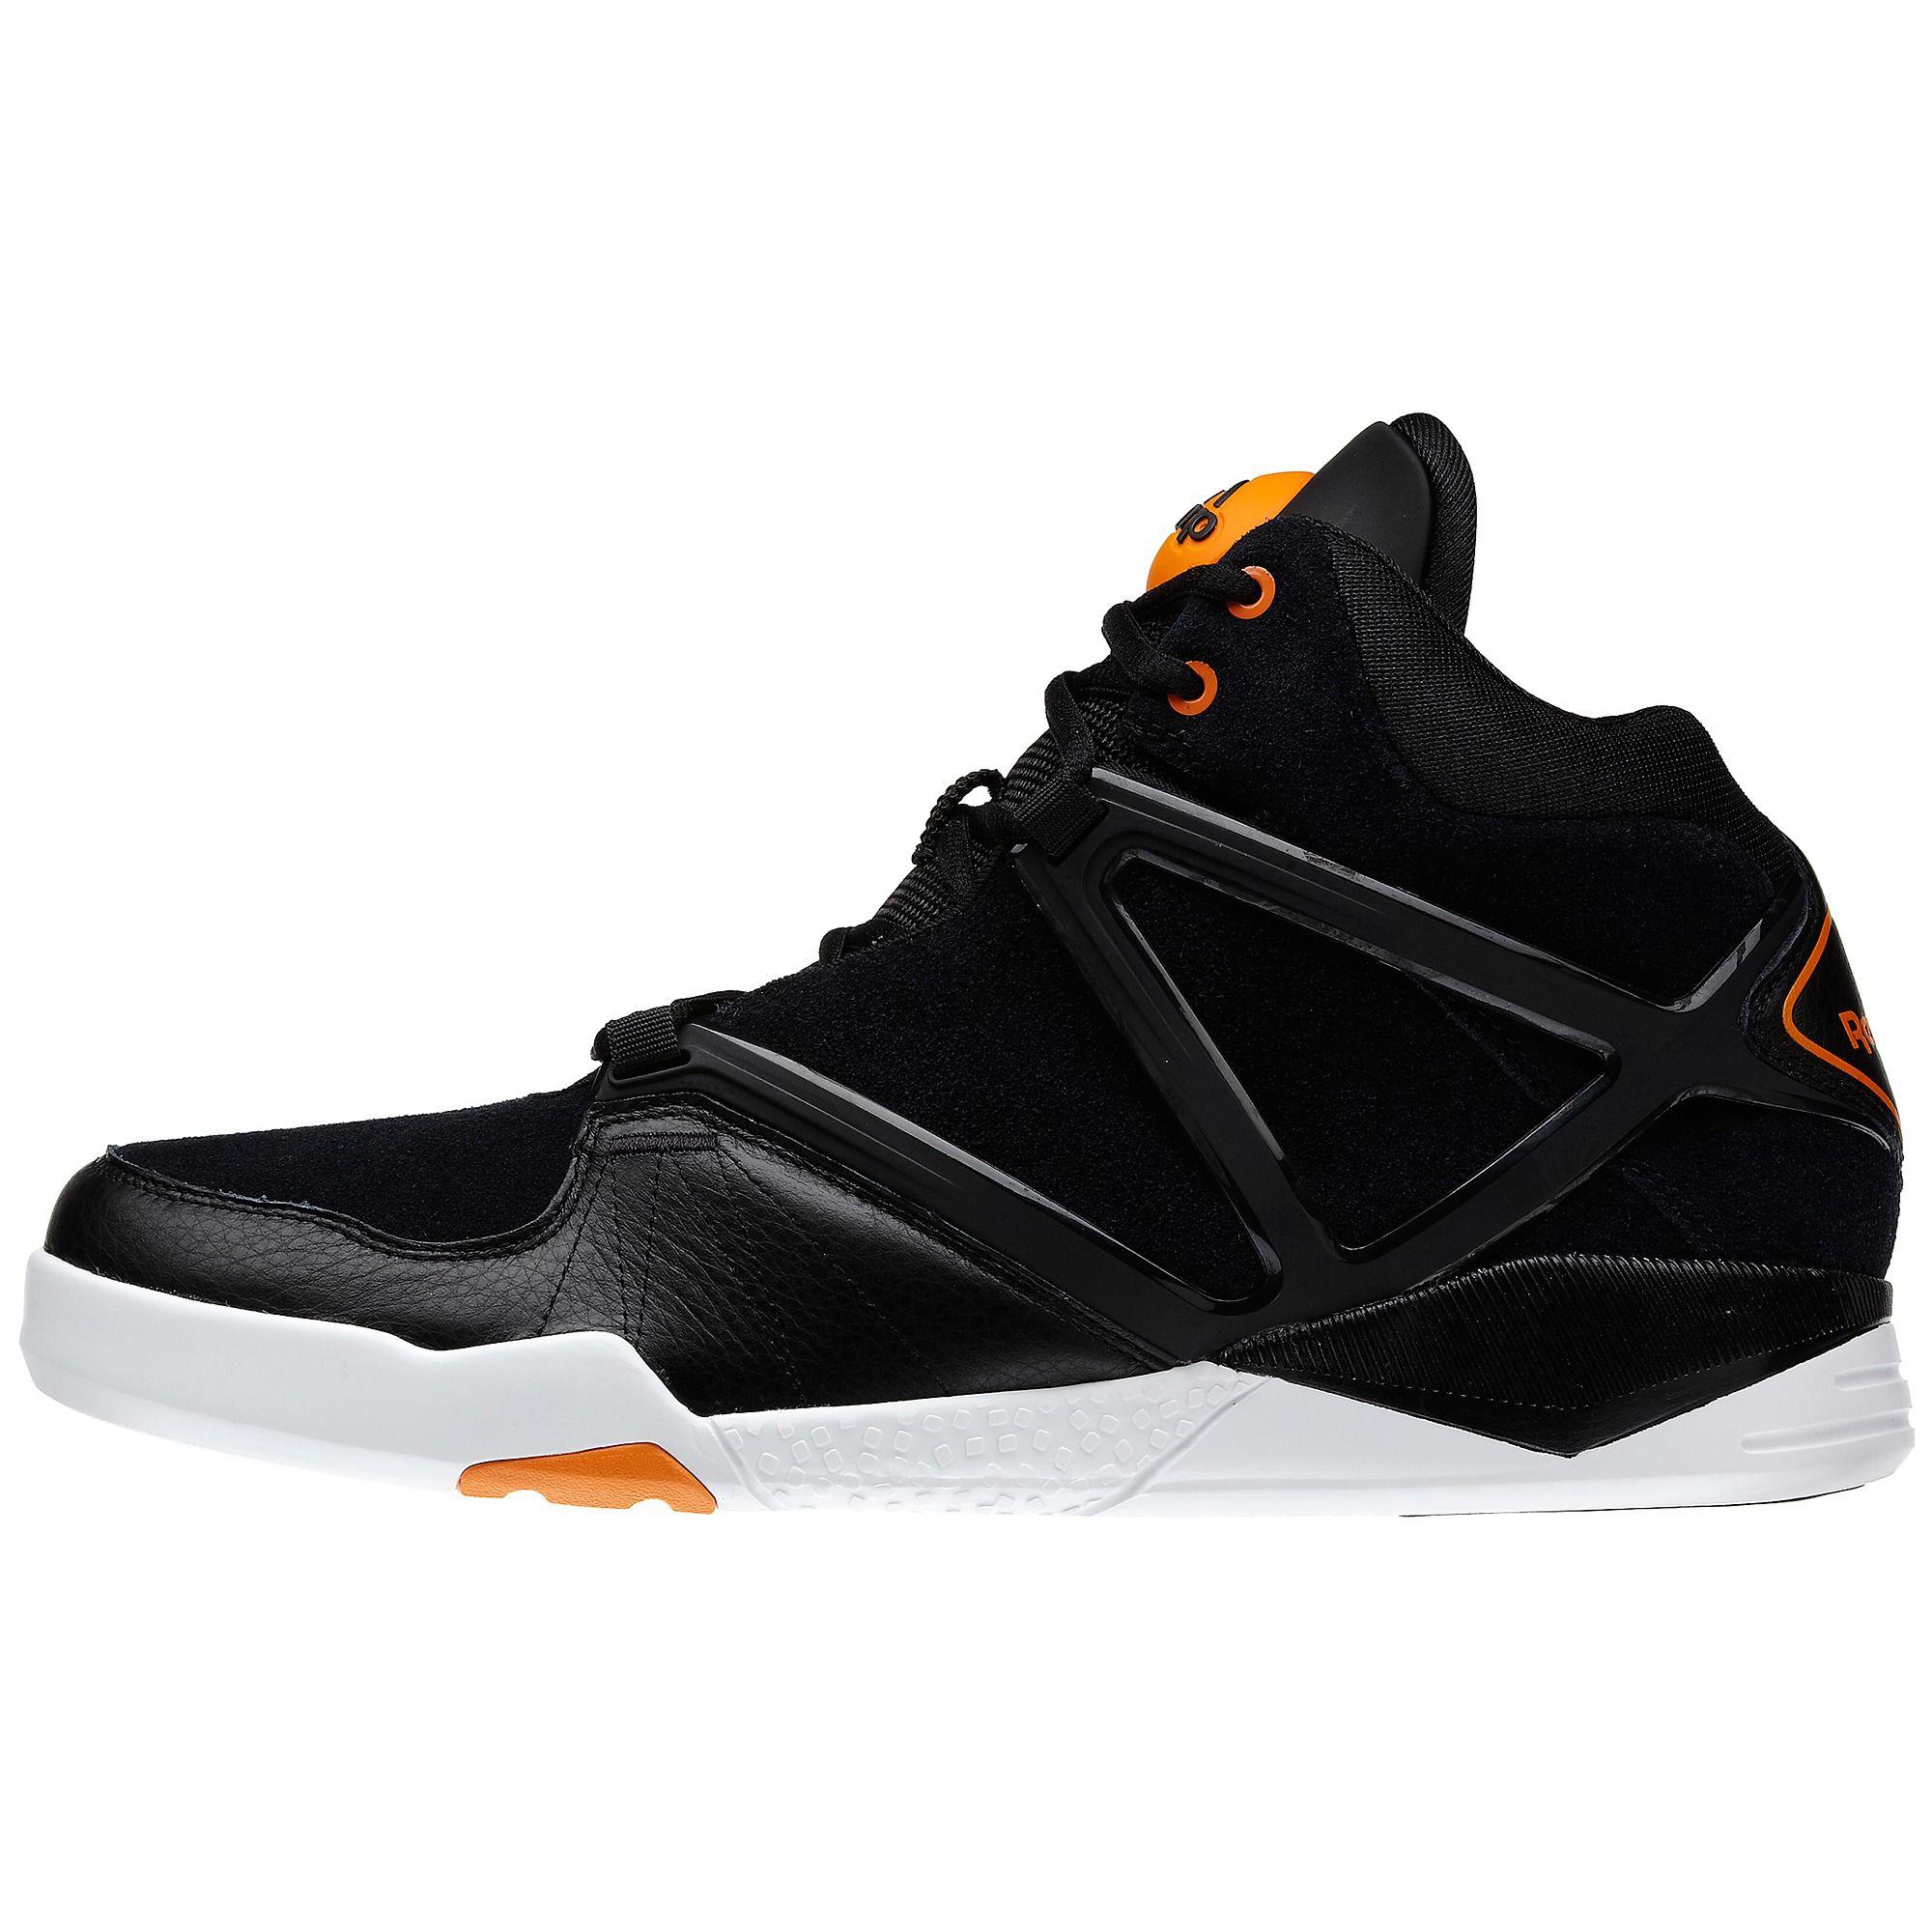 Jusqu'à 50% de réduction sur tout le site - Ex : Chaussures Pump Omni Ultralite